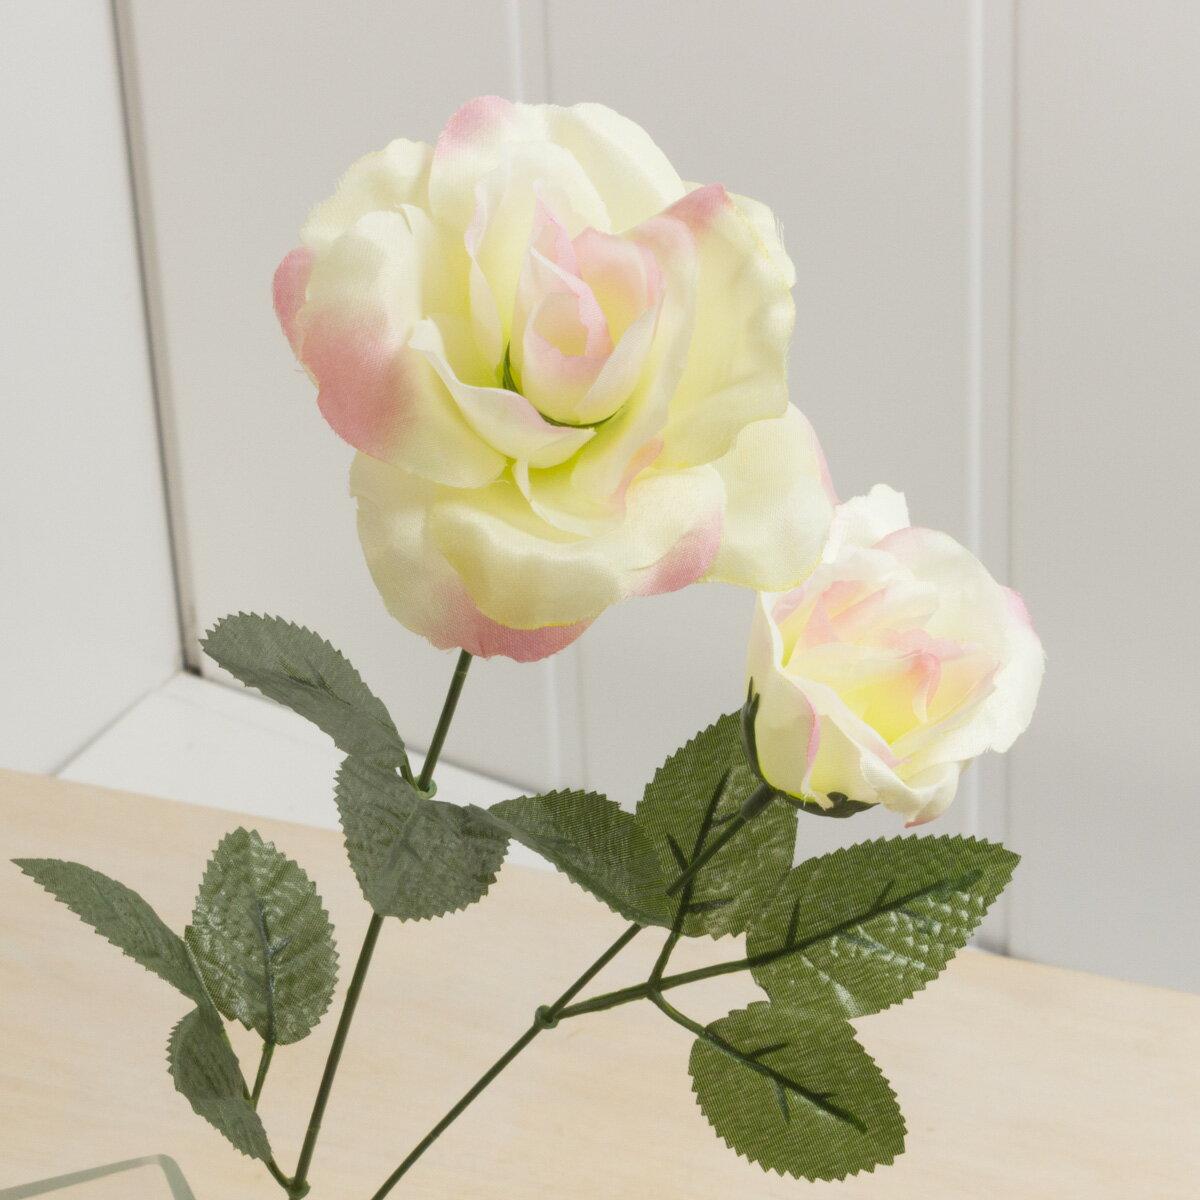 即日★【造花】YDM/サテンローズ*2 ピンク/FF2750-P|造花 バラ【00】《 造花(アーティフィシャルフラワー) 造花 花材「は行」 バラ 》